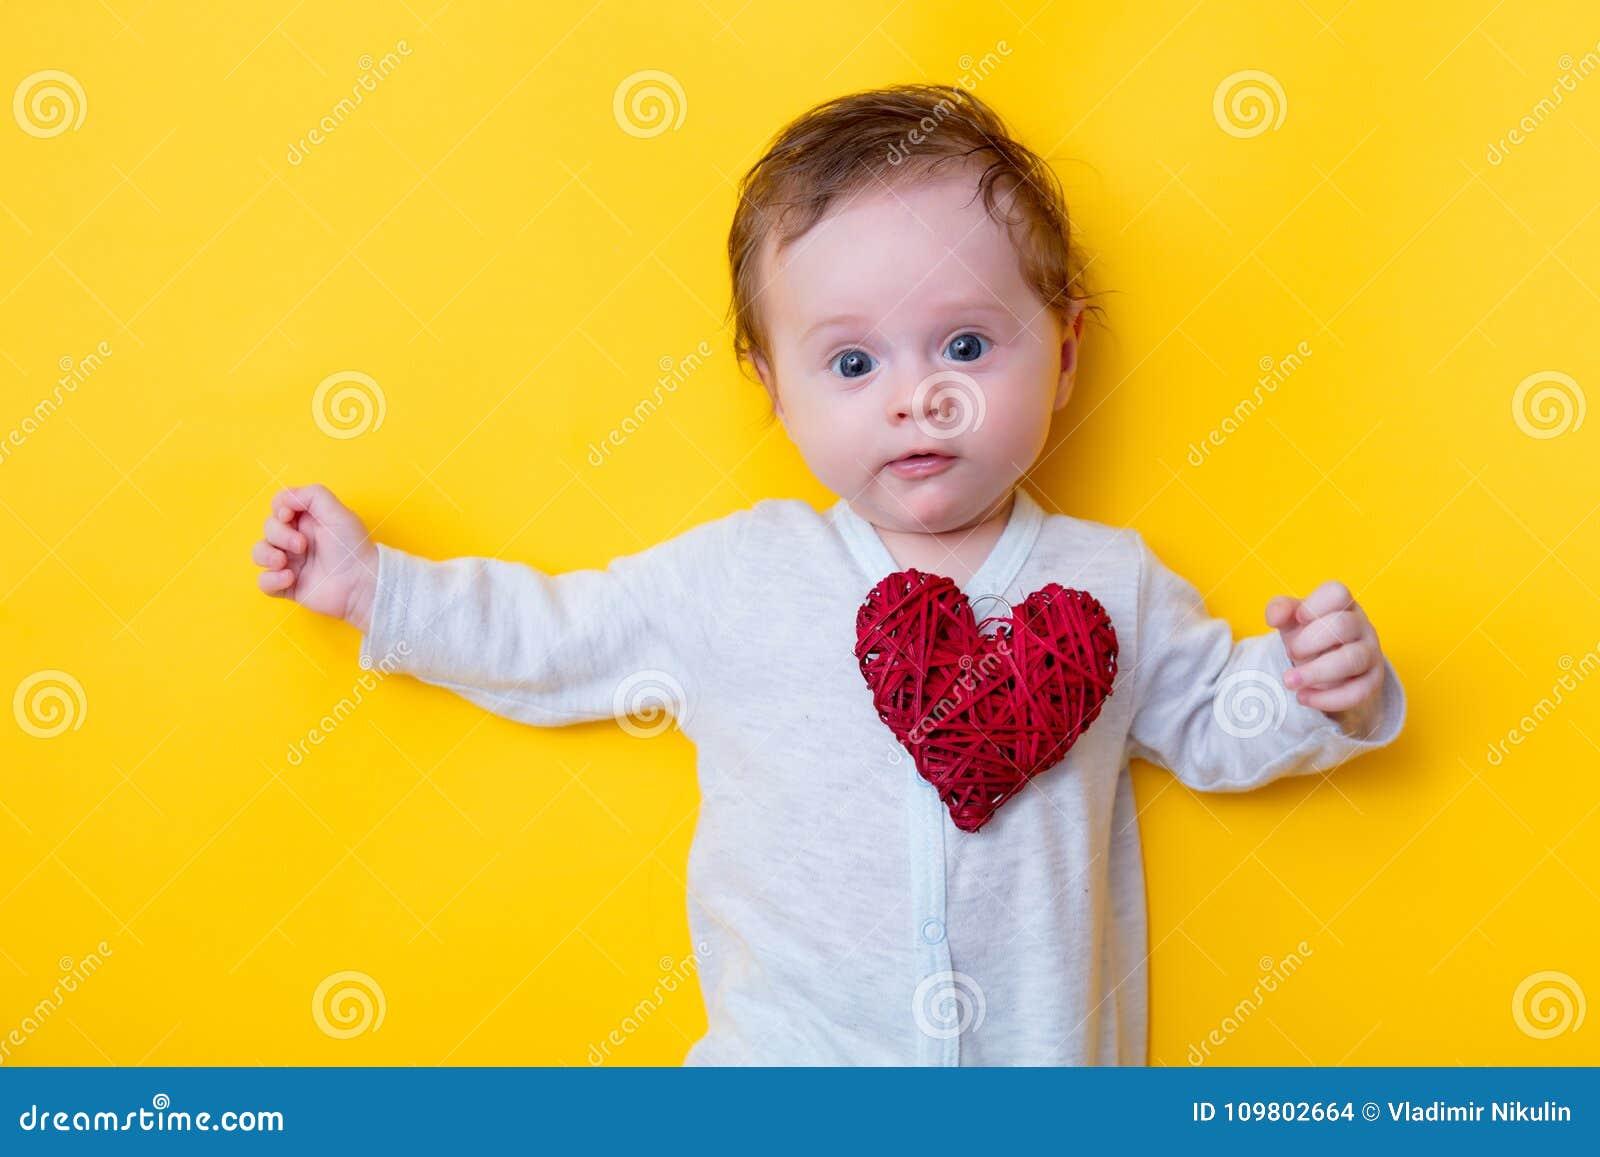 宝宝小心脏受不了图片_有红色心脏形状玩具的小婴孩. 白种人, 硼硅酸盐.